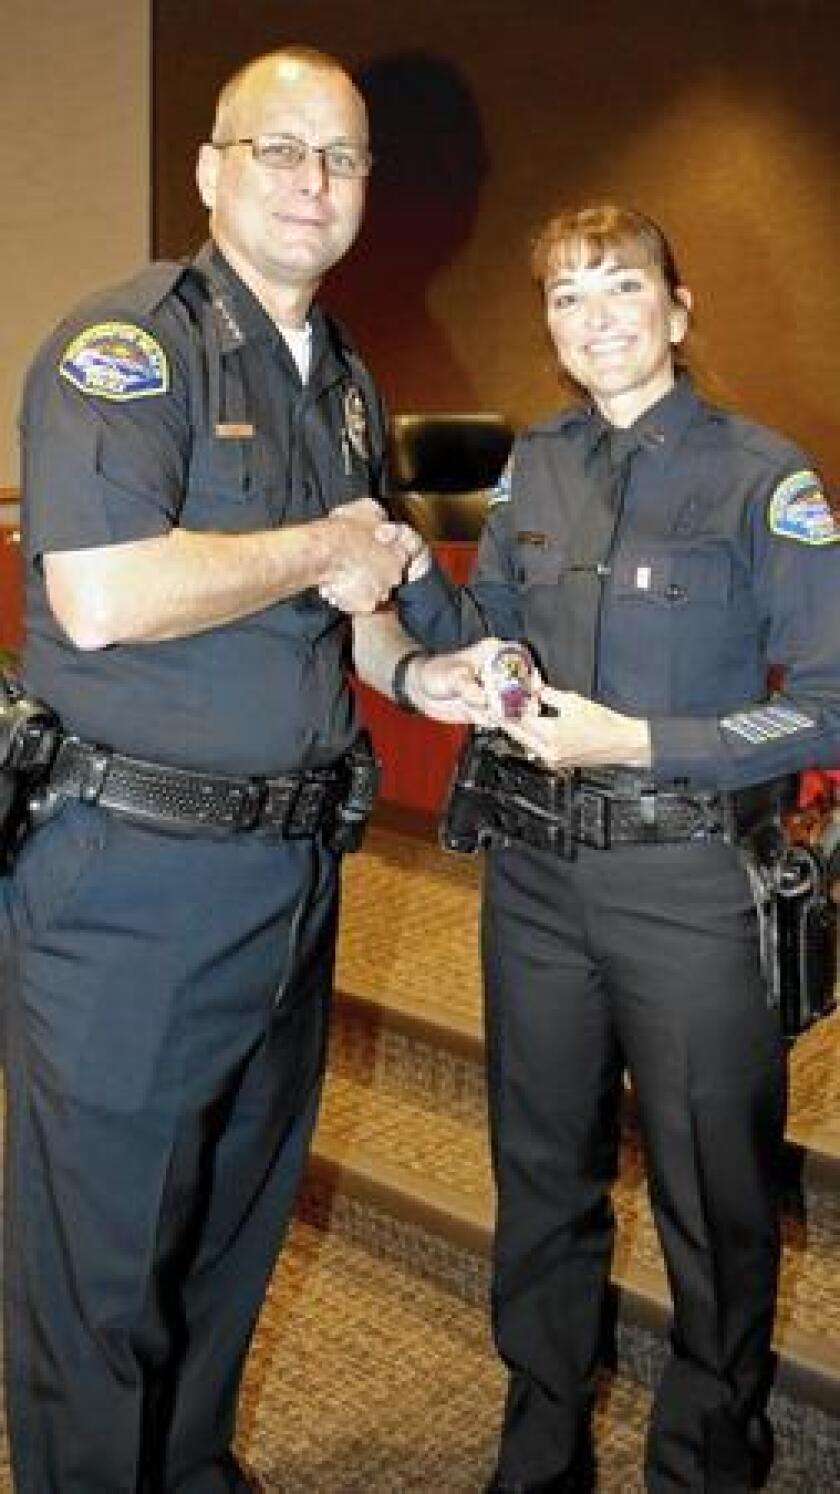 Kelly Rodríguez y el jefe Robert Handy posan con su nueva insignia de capitán. Rodríguez es la primera capitana en la historia del Departamento de Policía de Huntington Beach (Cortesía Policía de Huntington Beach).